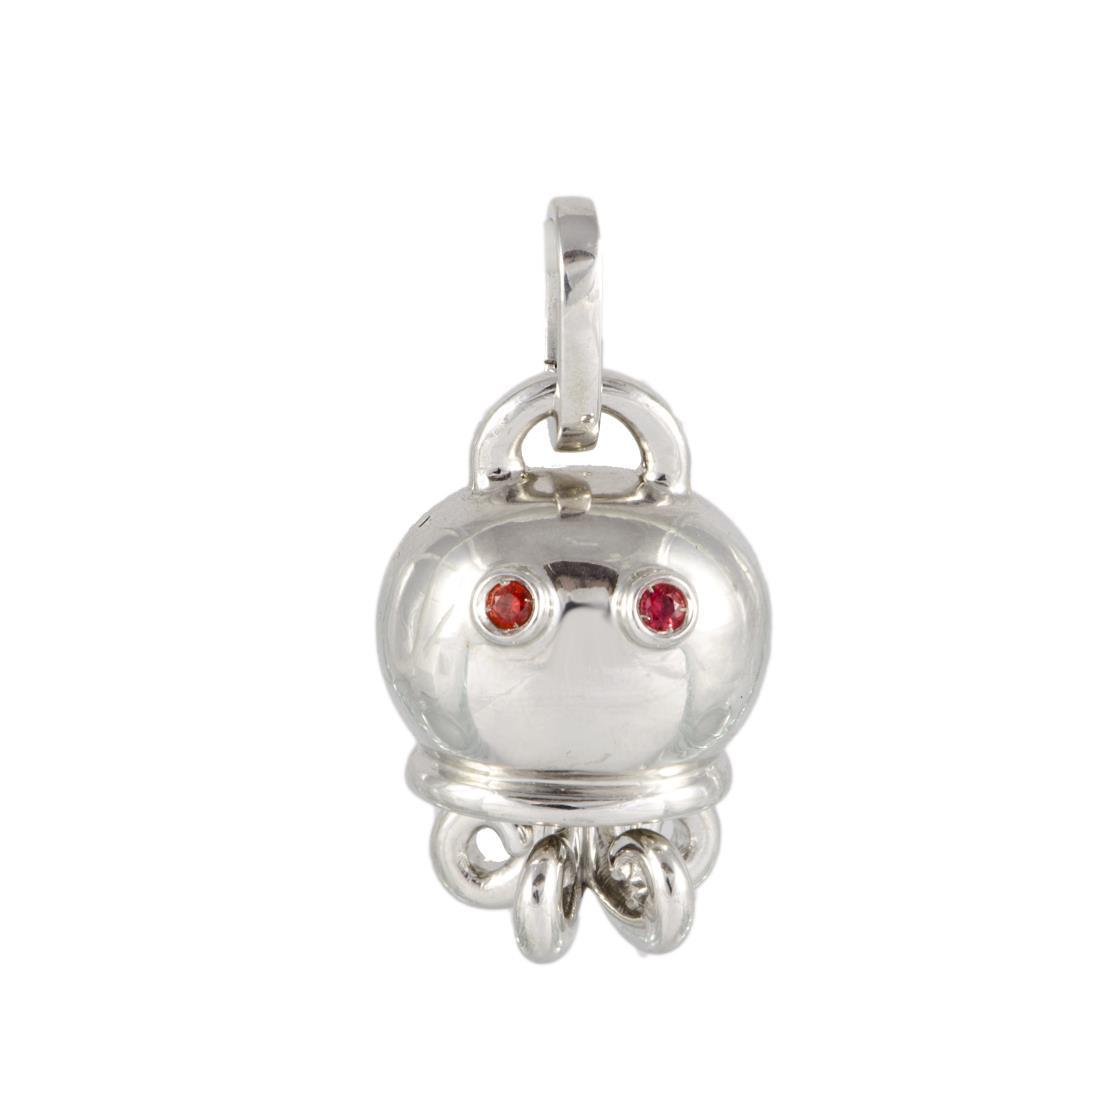 Ciondolo Chantecler in argento con zaffiro ct 0,02 - CHANTECLER